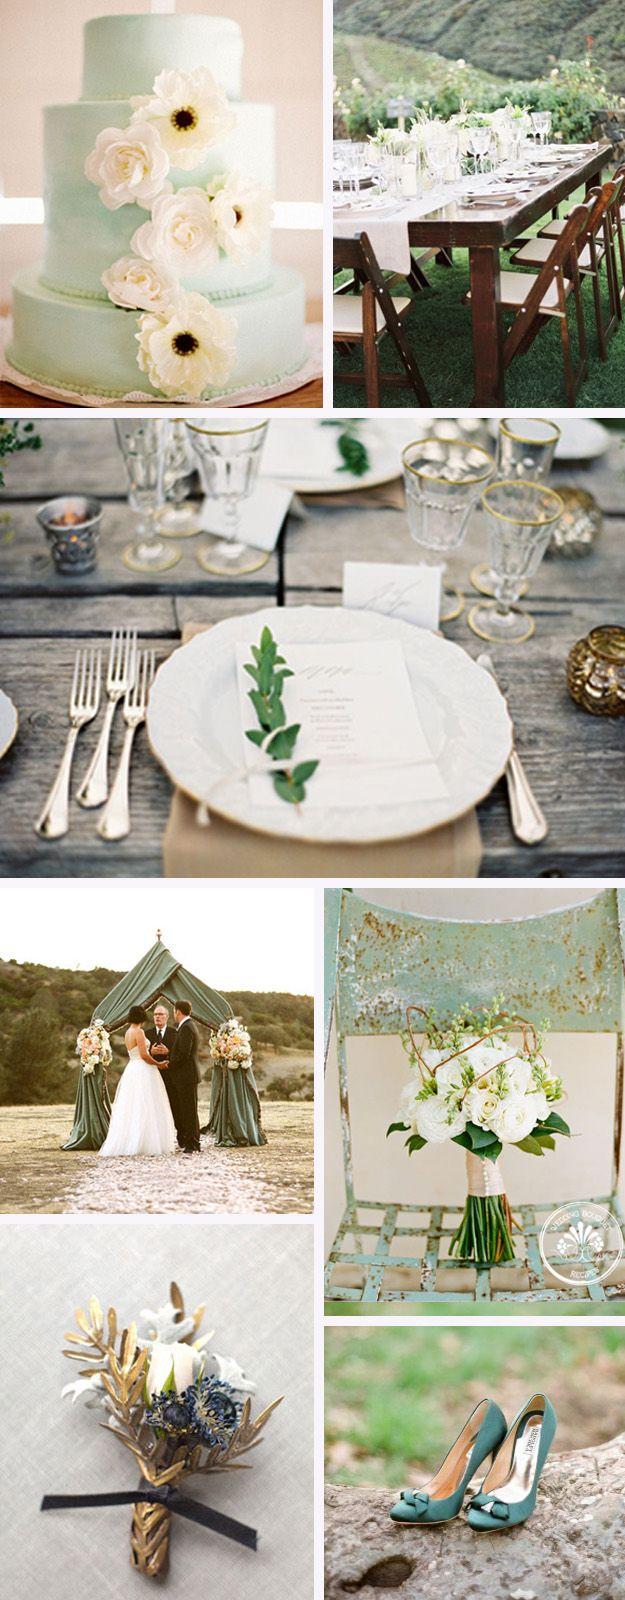 Idées de décoration pour un mariage vert.